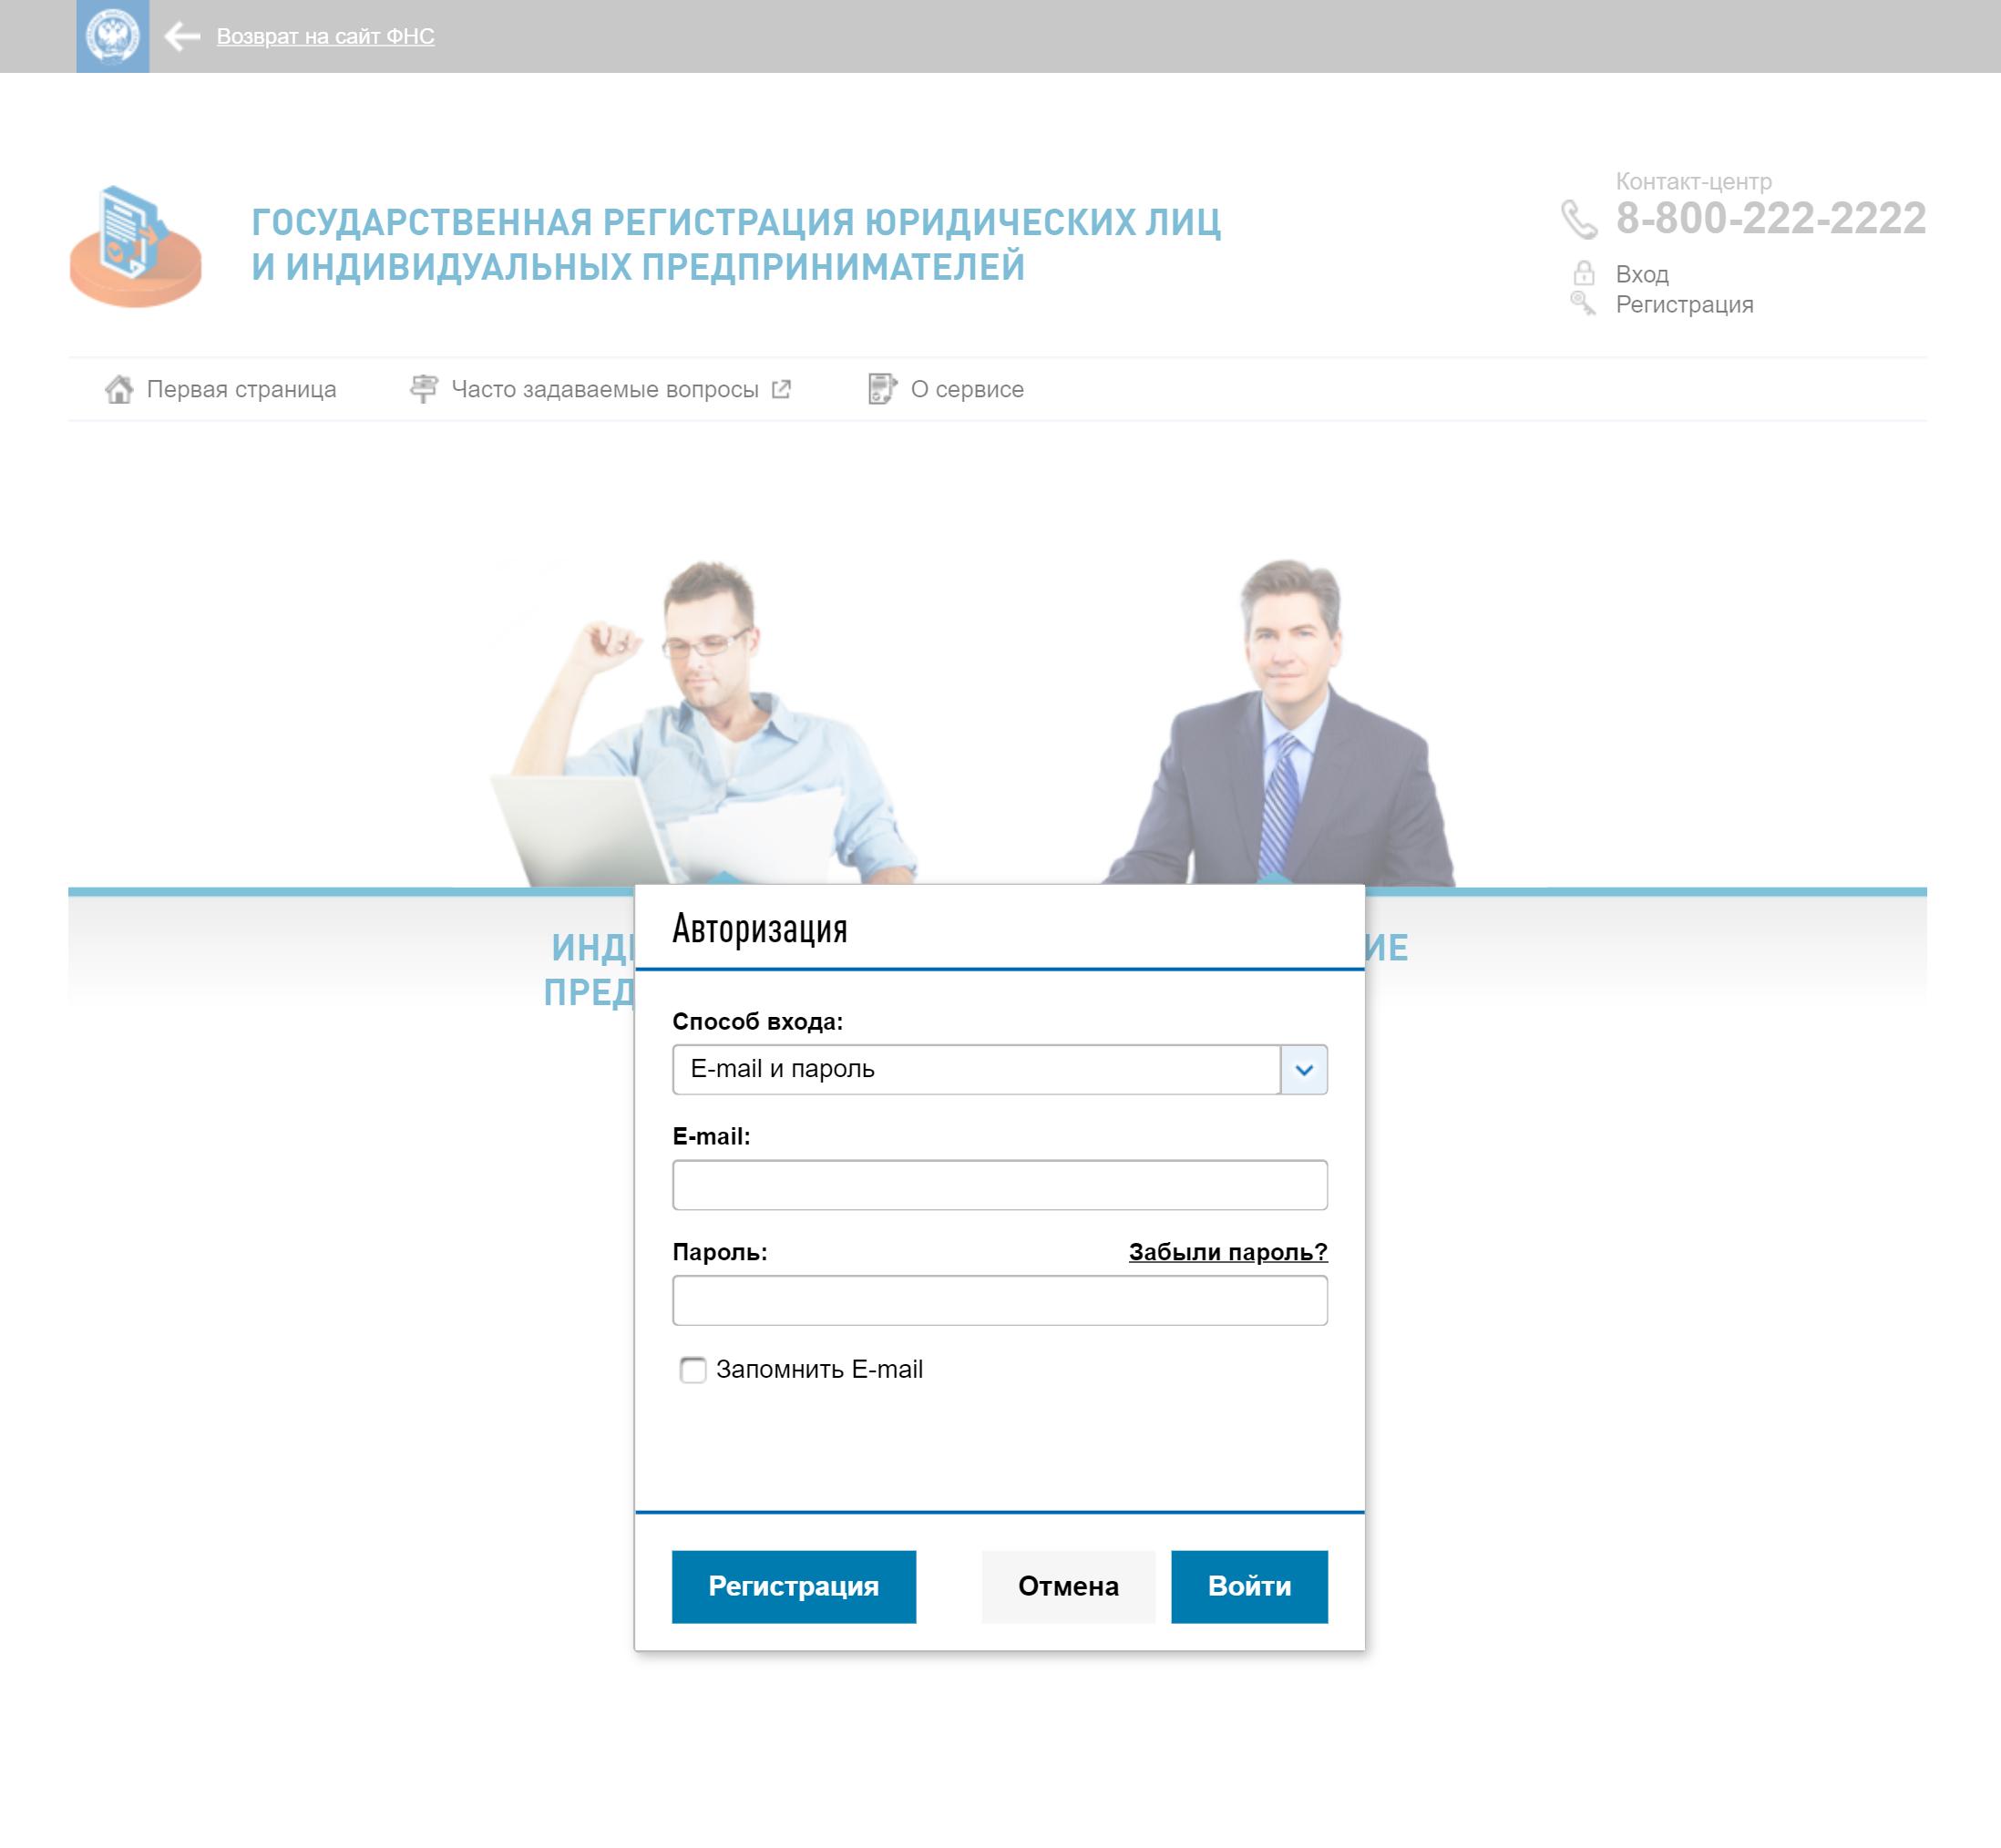 Система запросит авторизацию. Зарегистрируйтесь или войдите с помощью своей учетной записи на госуслугах или в личном кабинете налогоплательщика